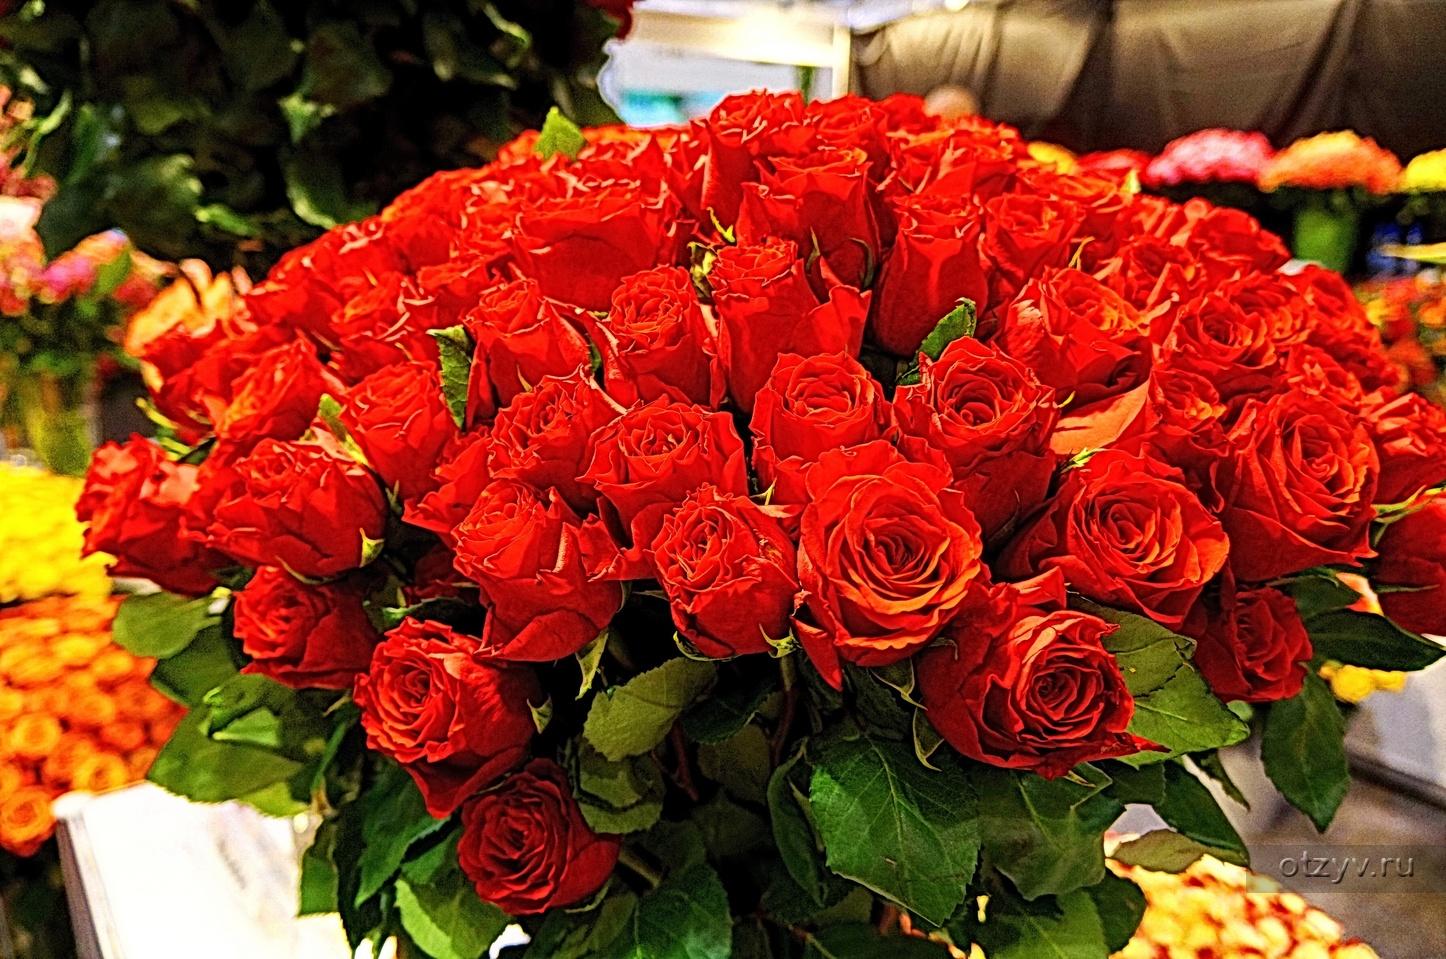 Картинки красивые цветы со смыслом (37 фото) Прикольные 29